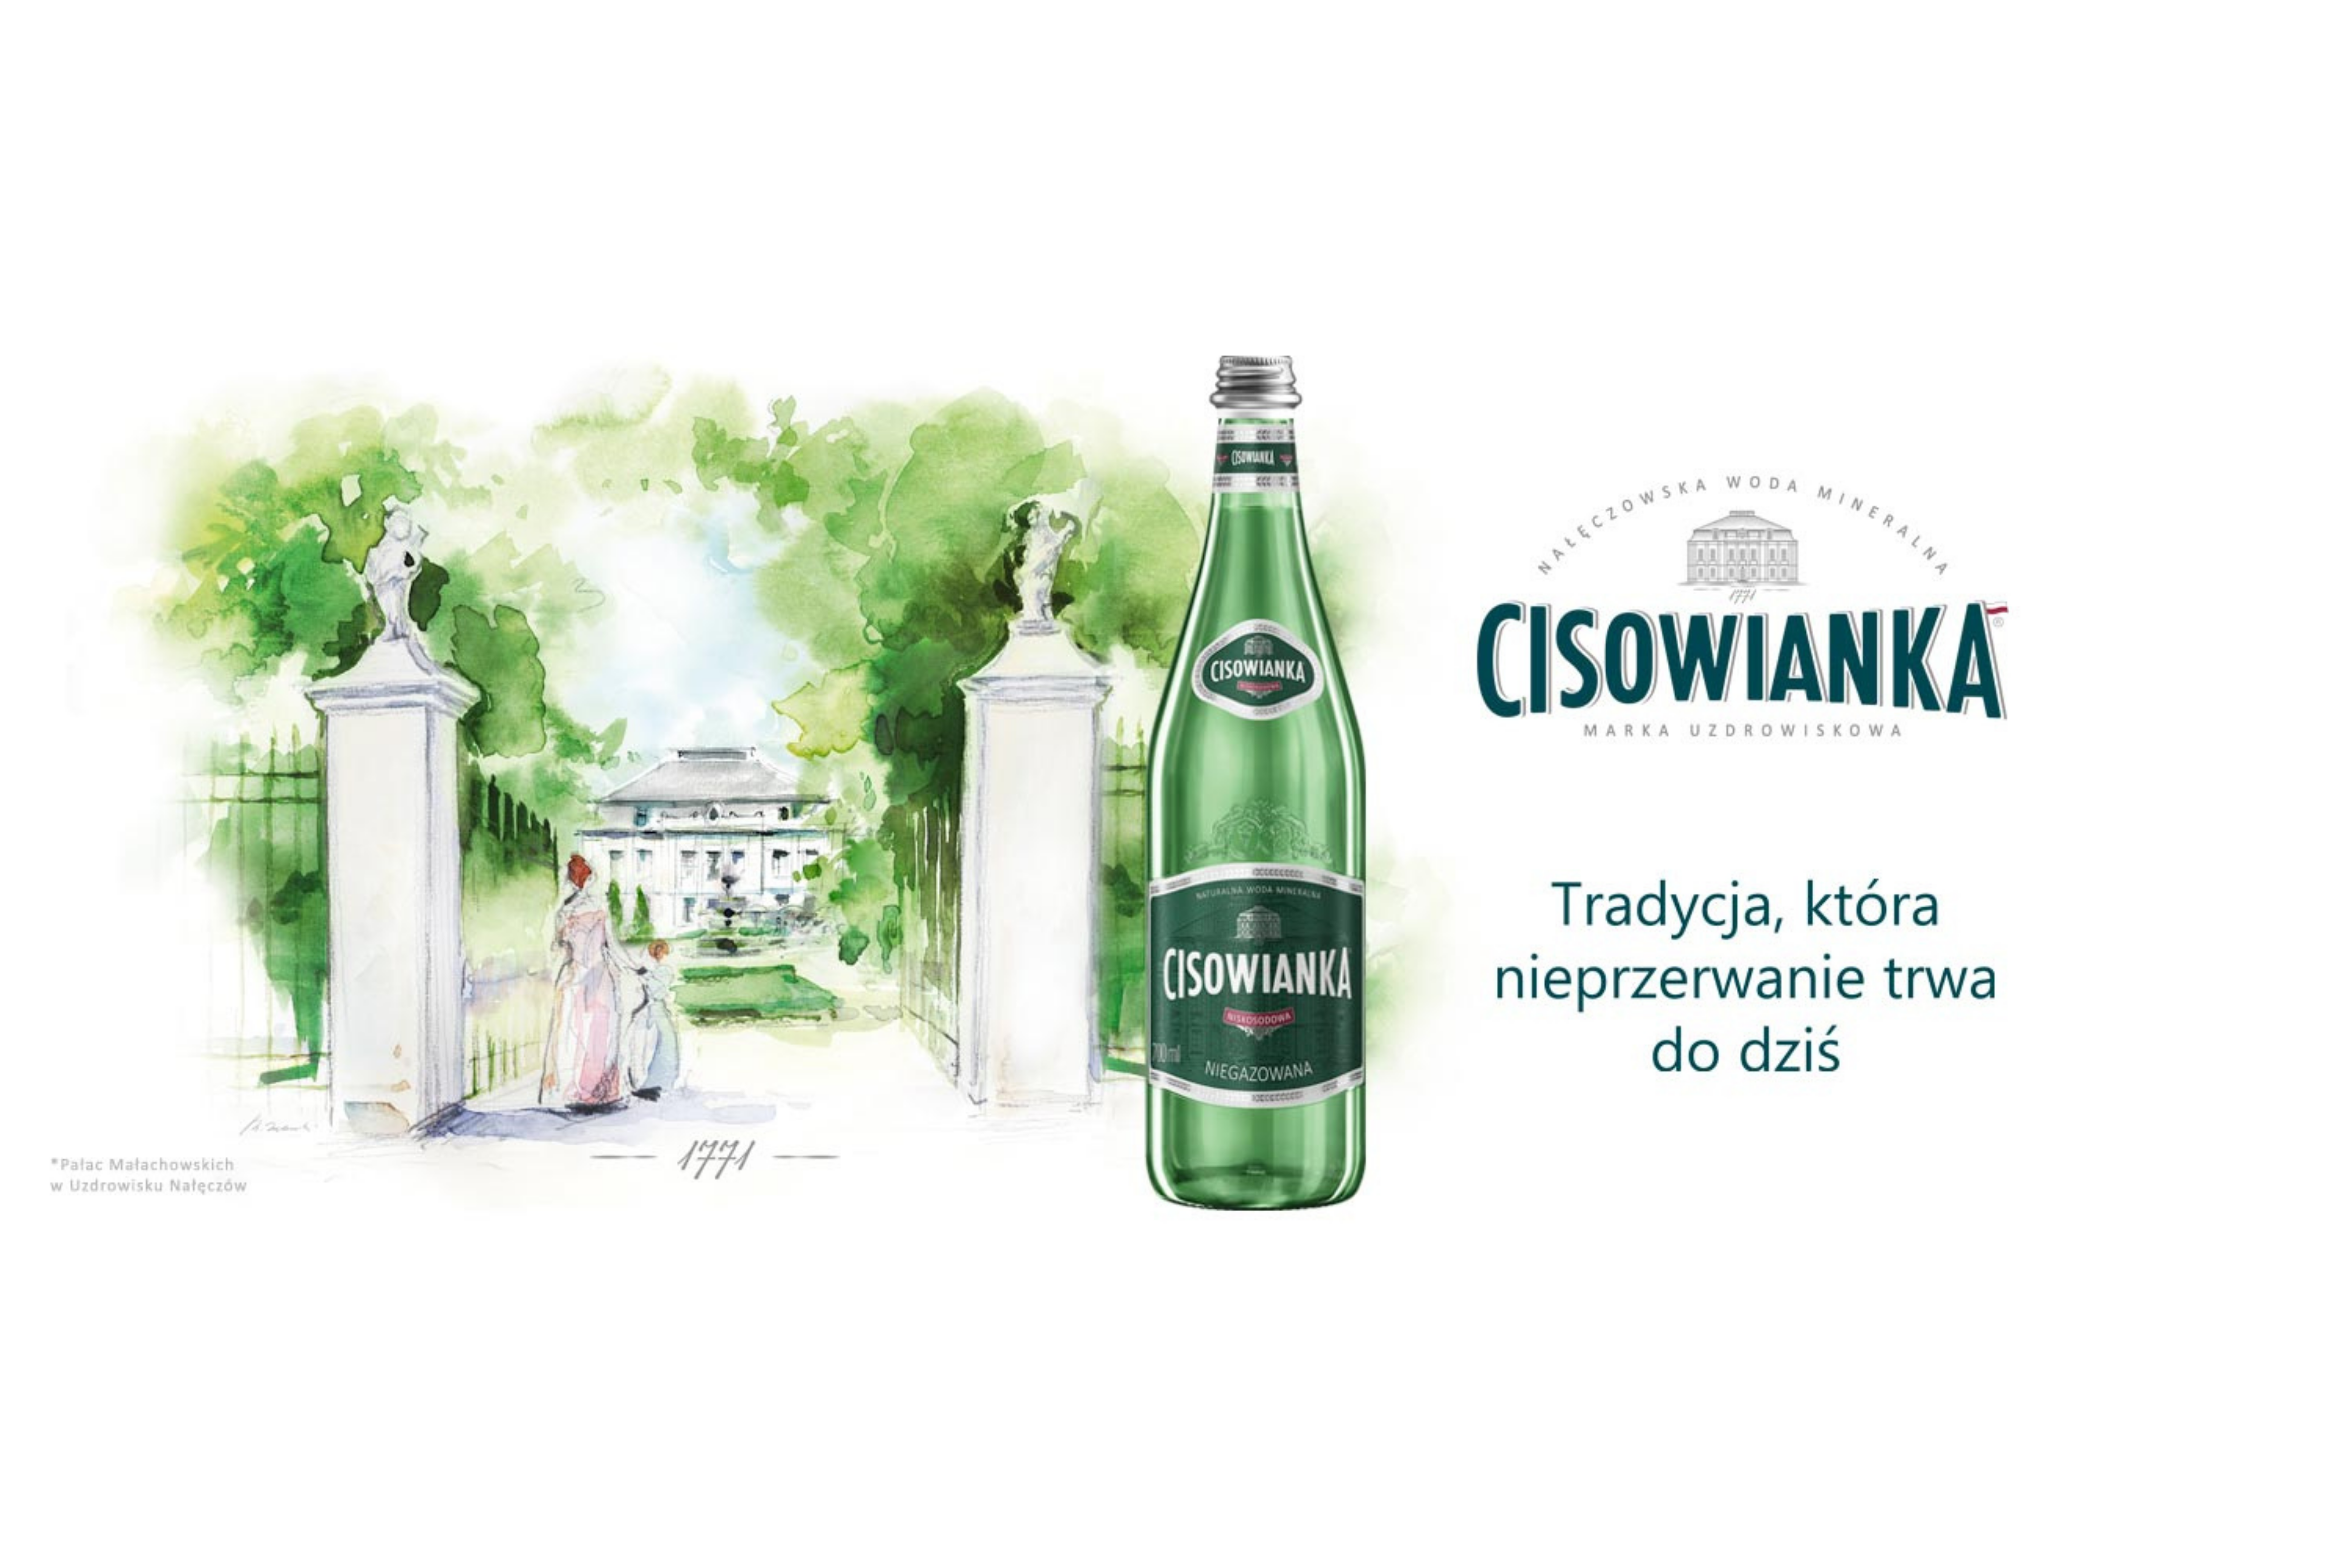 """Nowa kampania reklamowa """"Cisowianka – Tradycja, która nieprzerwanie trwa do dziś"""""""